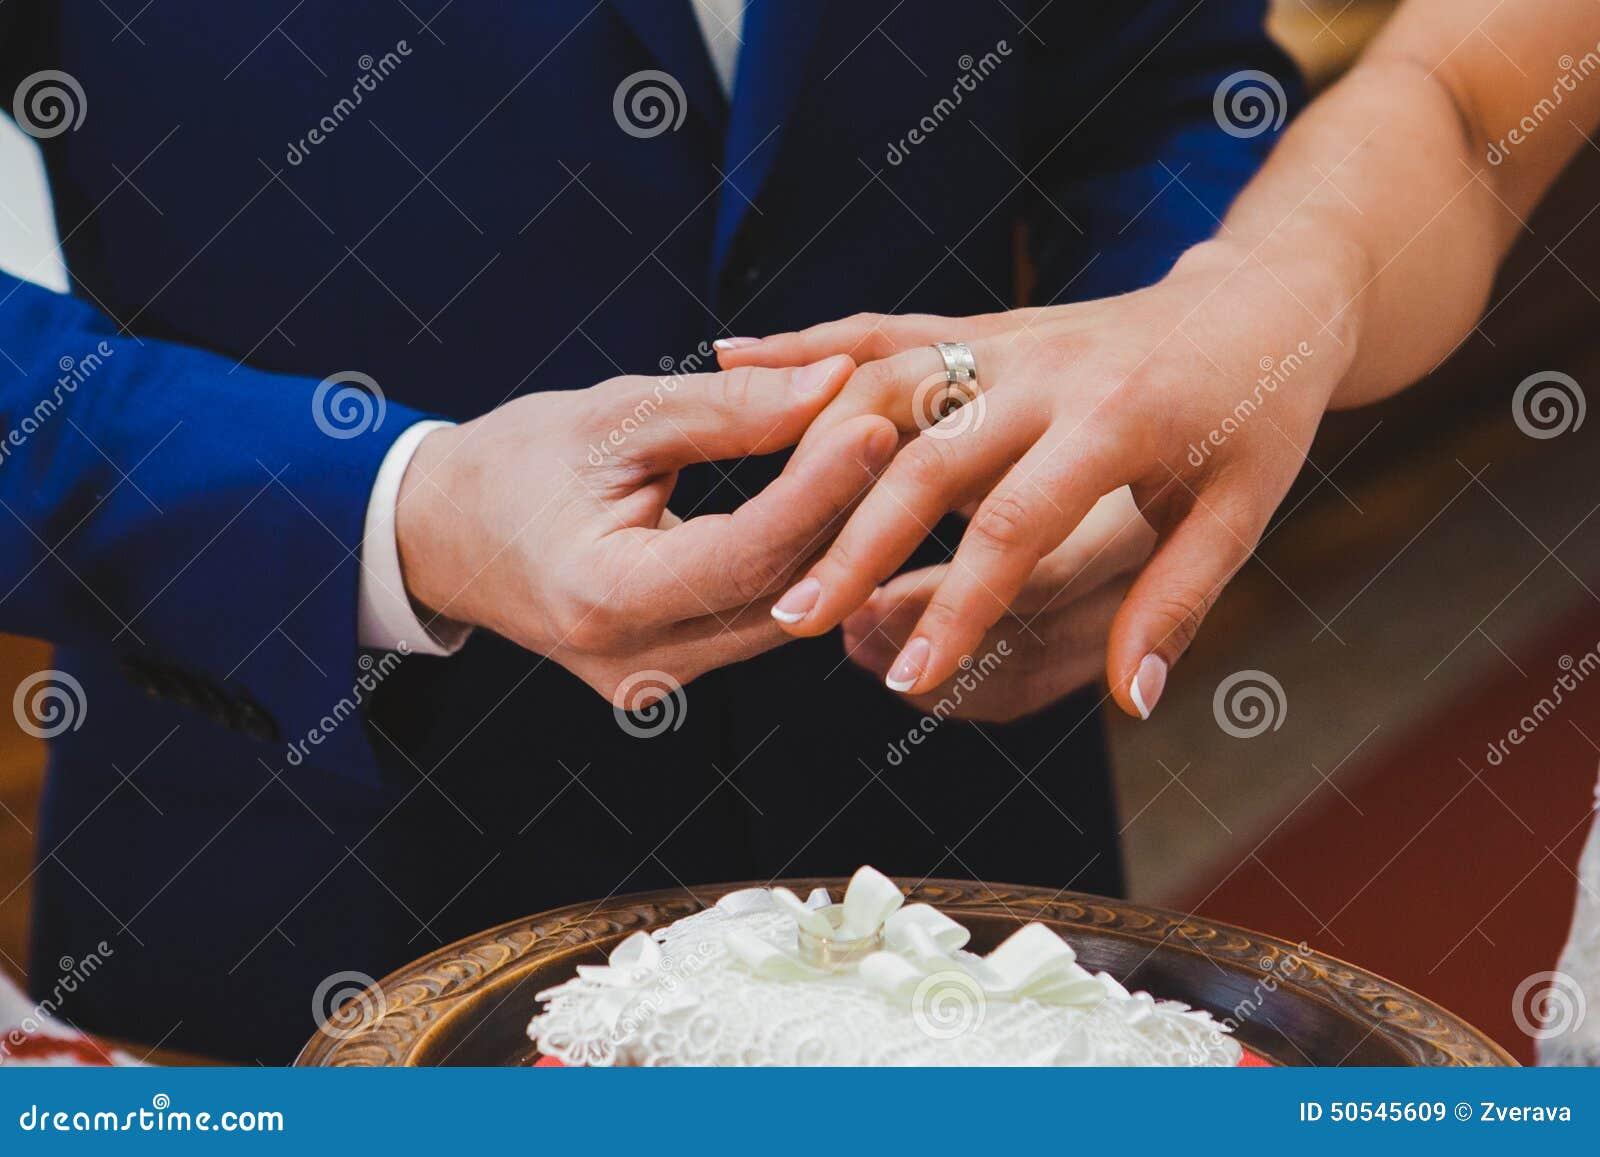 кольцо с бриллиантом на руке фото